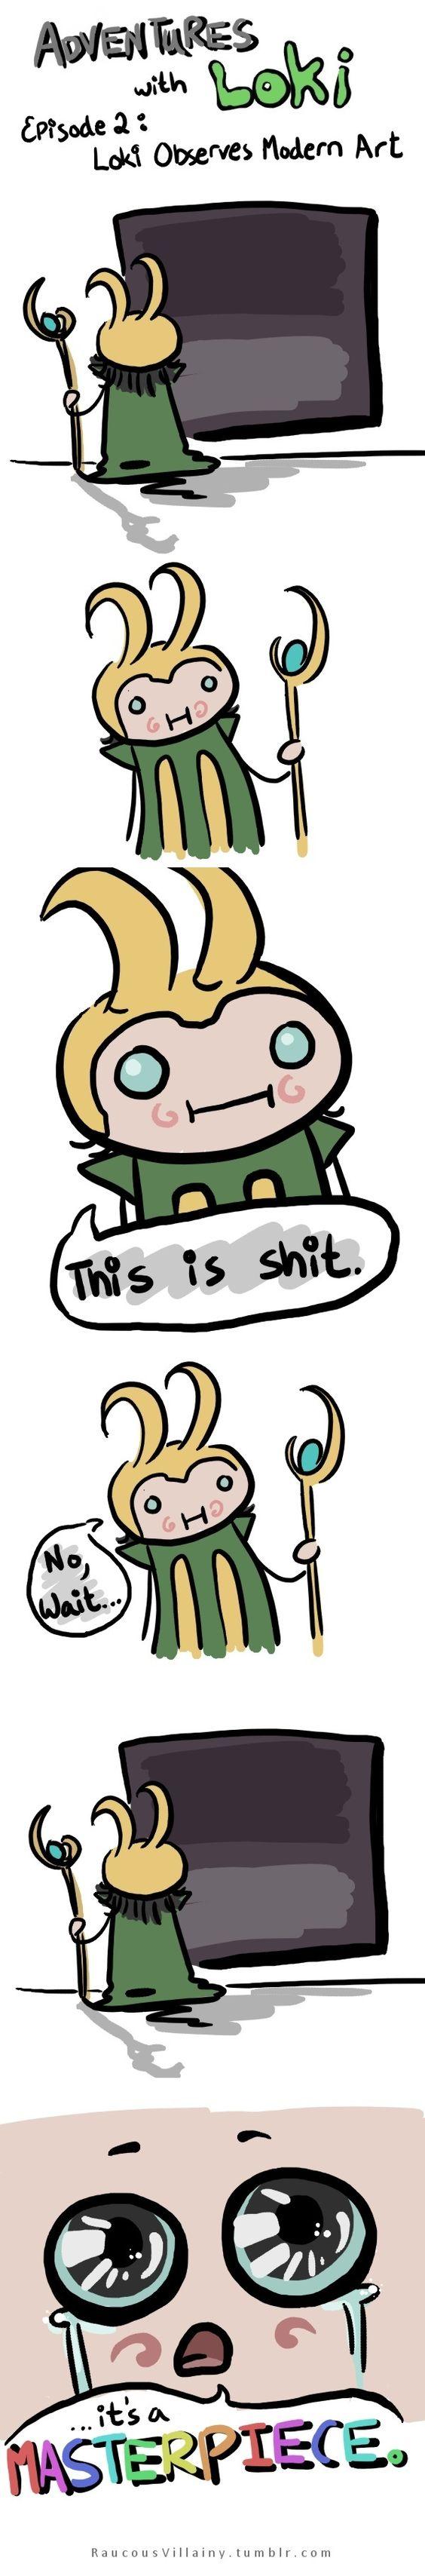 Adventures with Loki 2